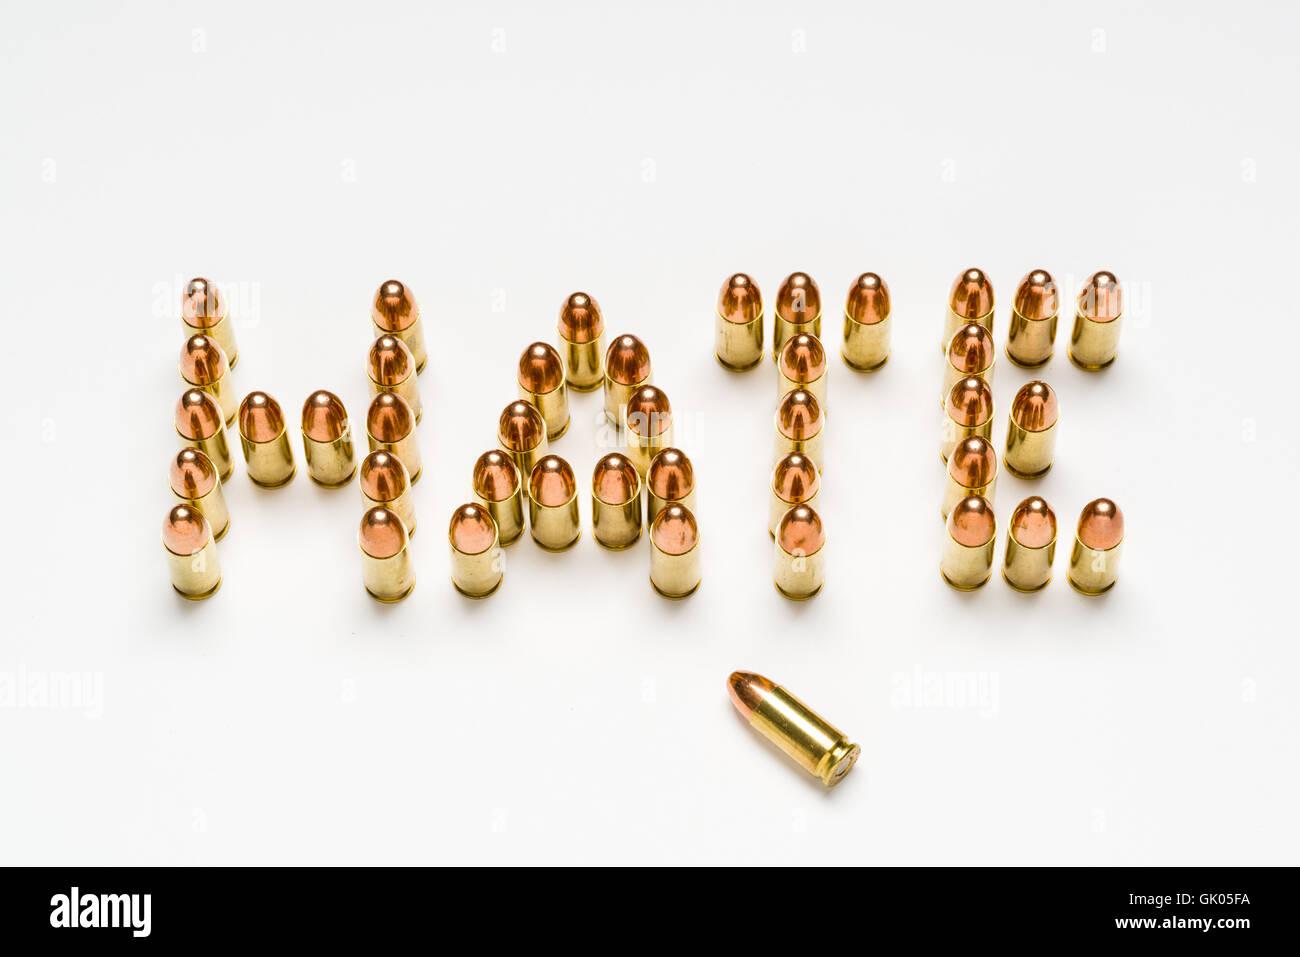 Munizioni, 9mm, millimetro, disporre in un pattern per scrivere la parola odio sulla superficie bianca. Immagini Stock